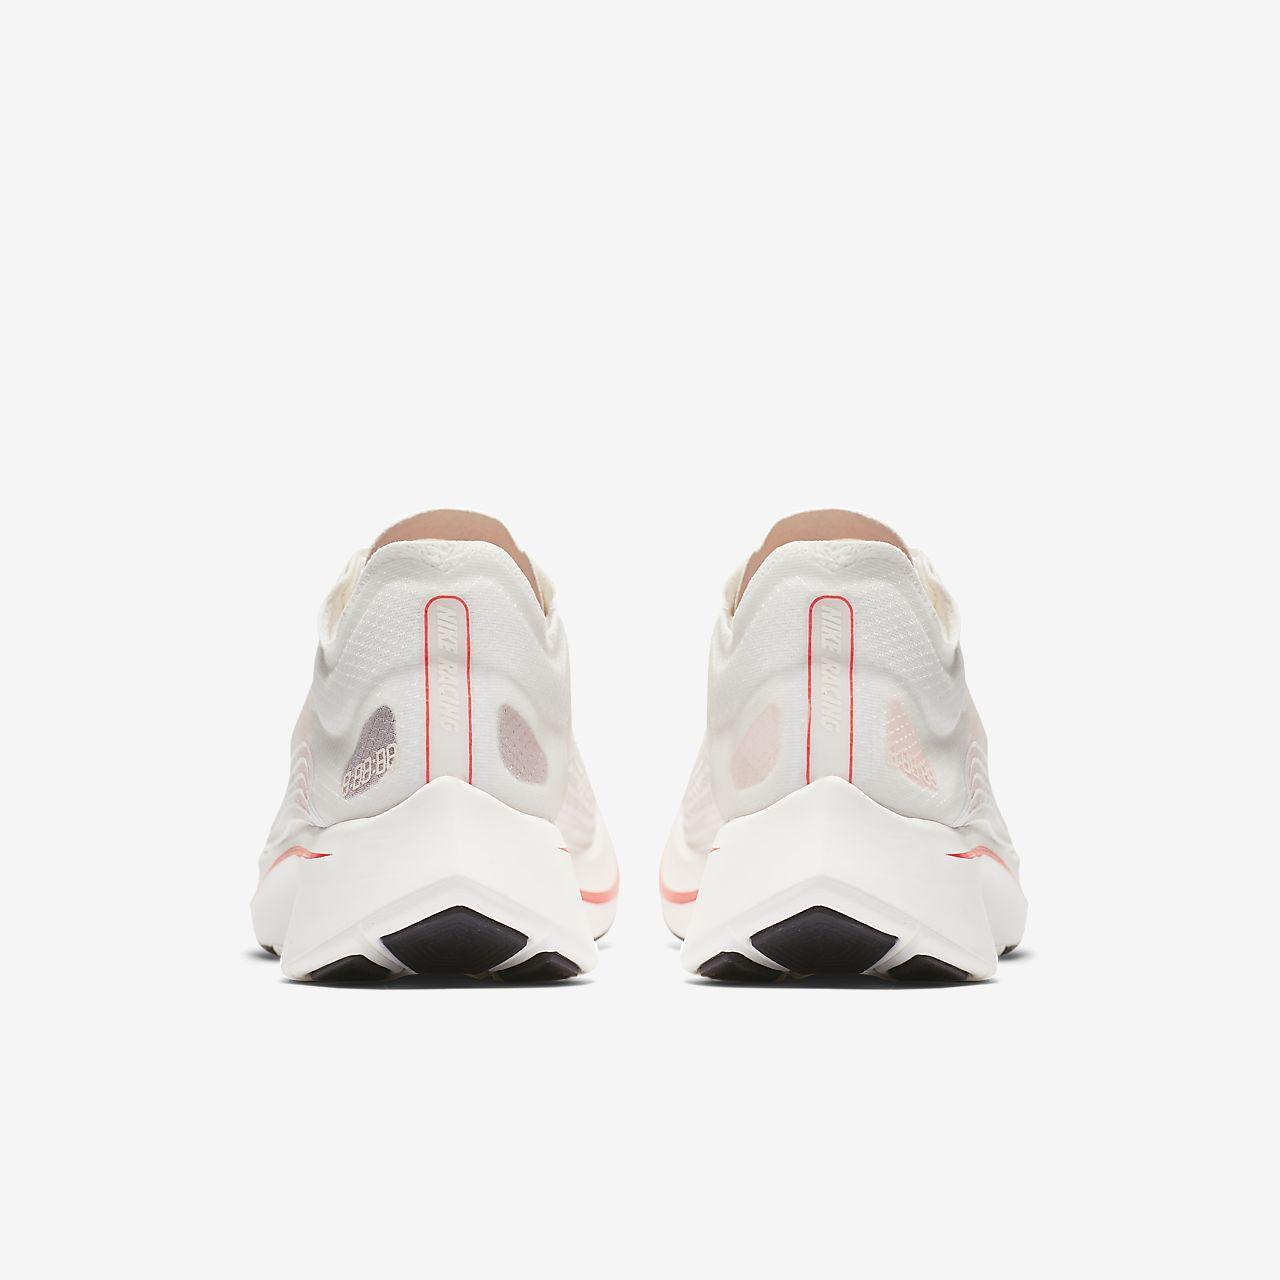 683263a6208c11 Nike Zoom Fly SP Women s Running Shoe. Nike.com CA